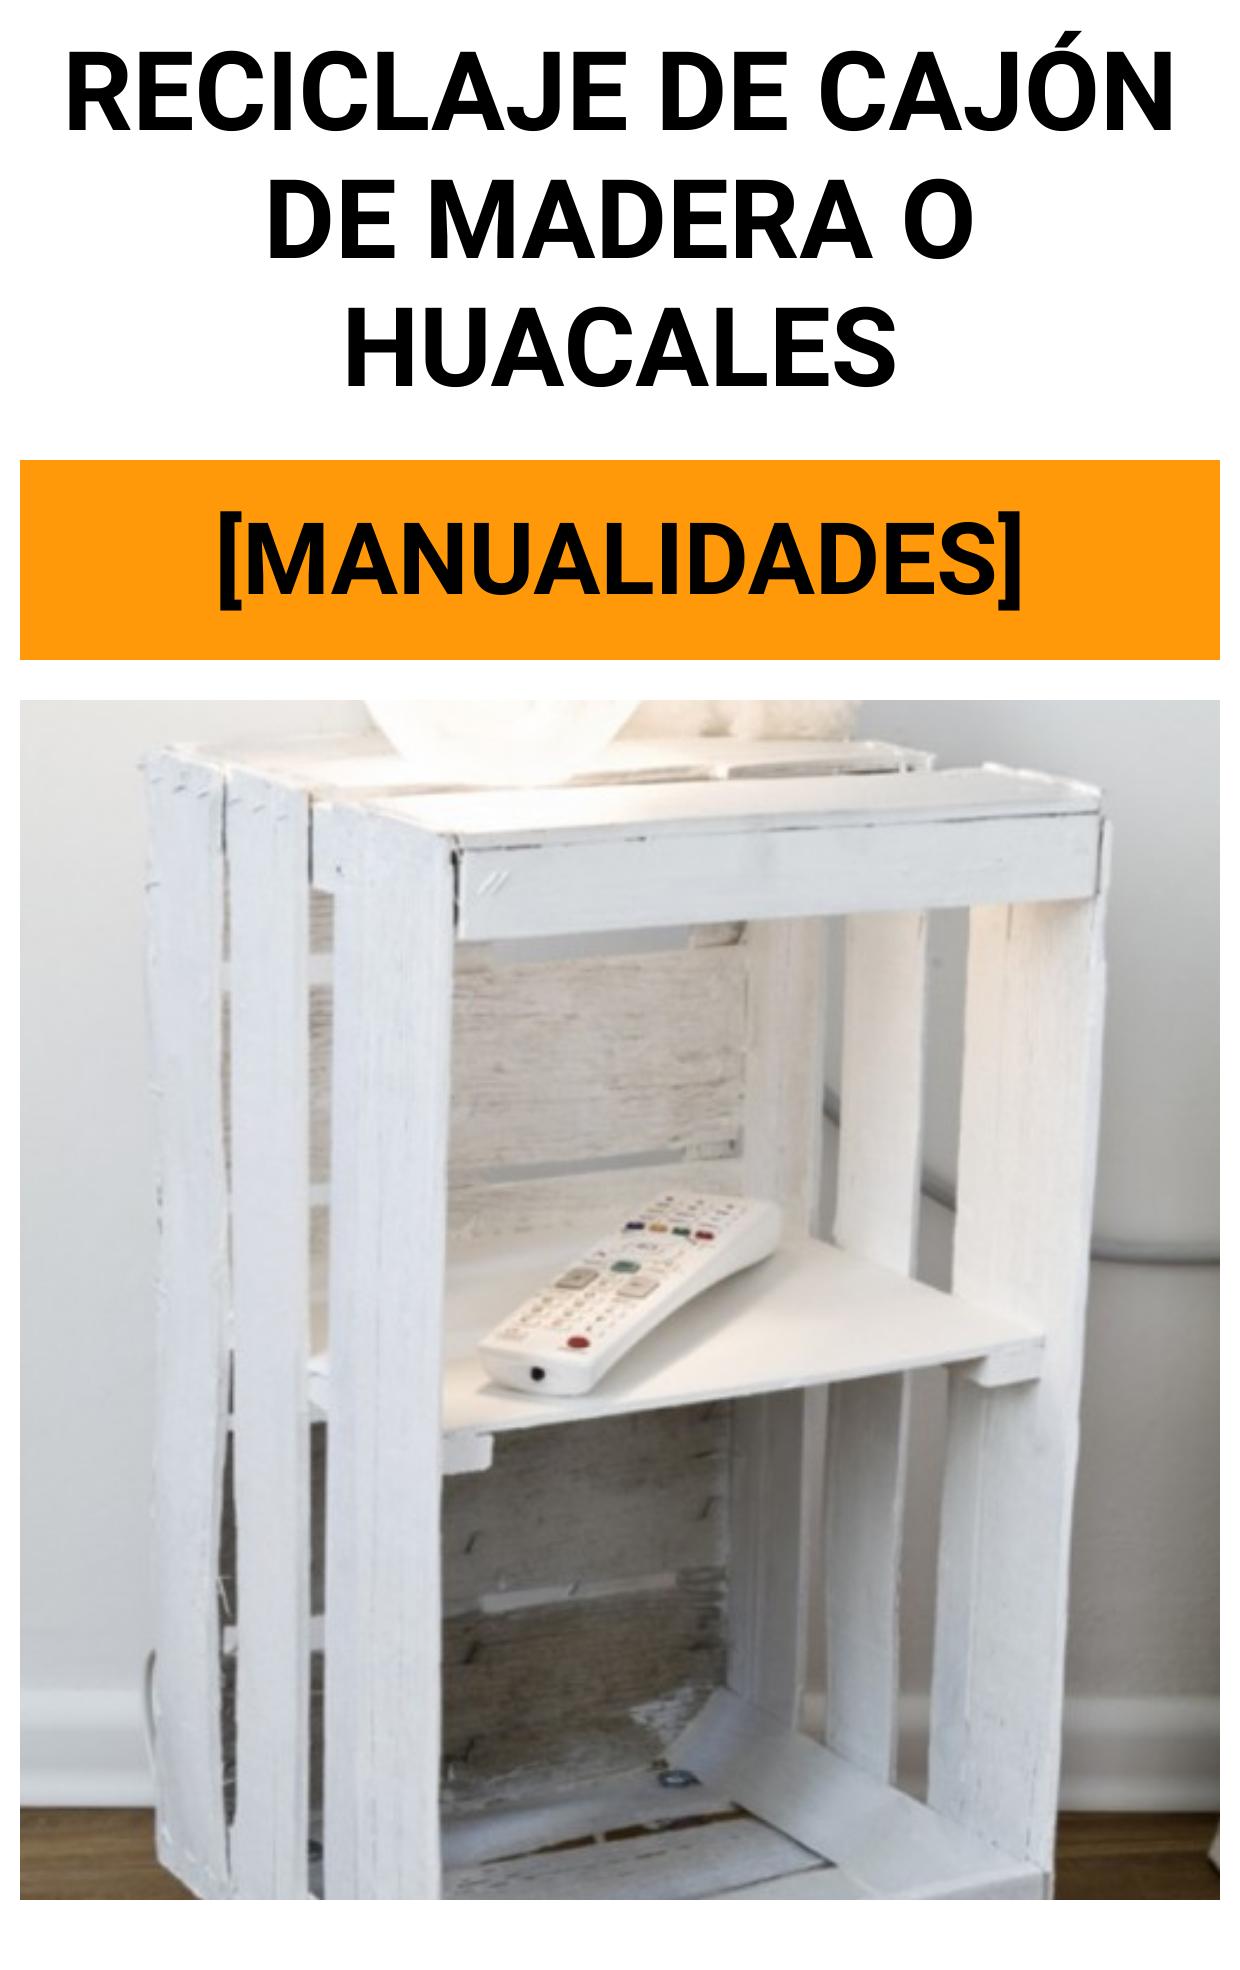 Reciclaje de Cajón De Madera o Huacales